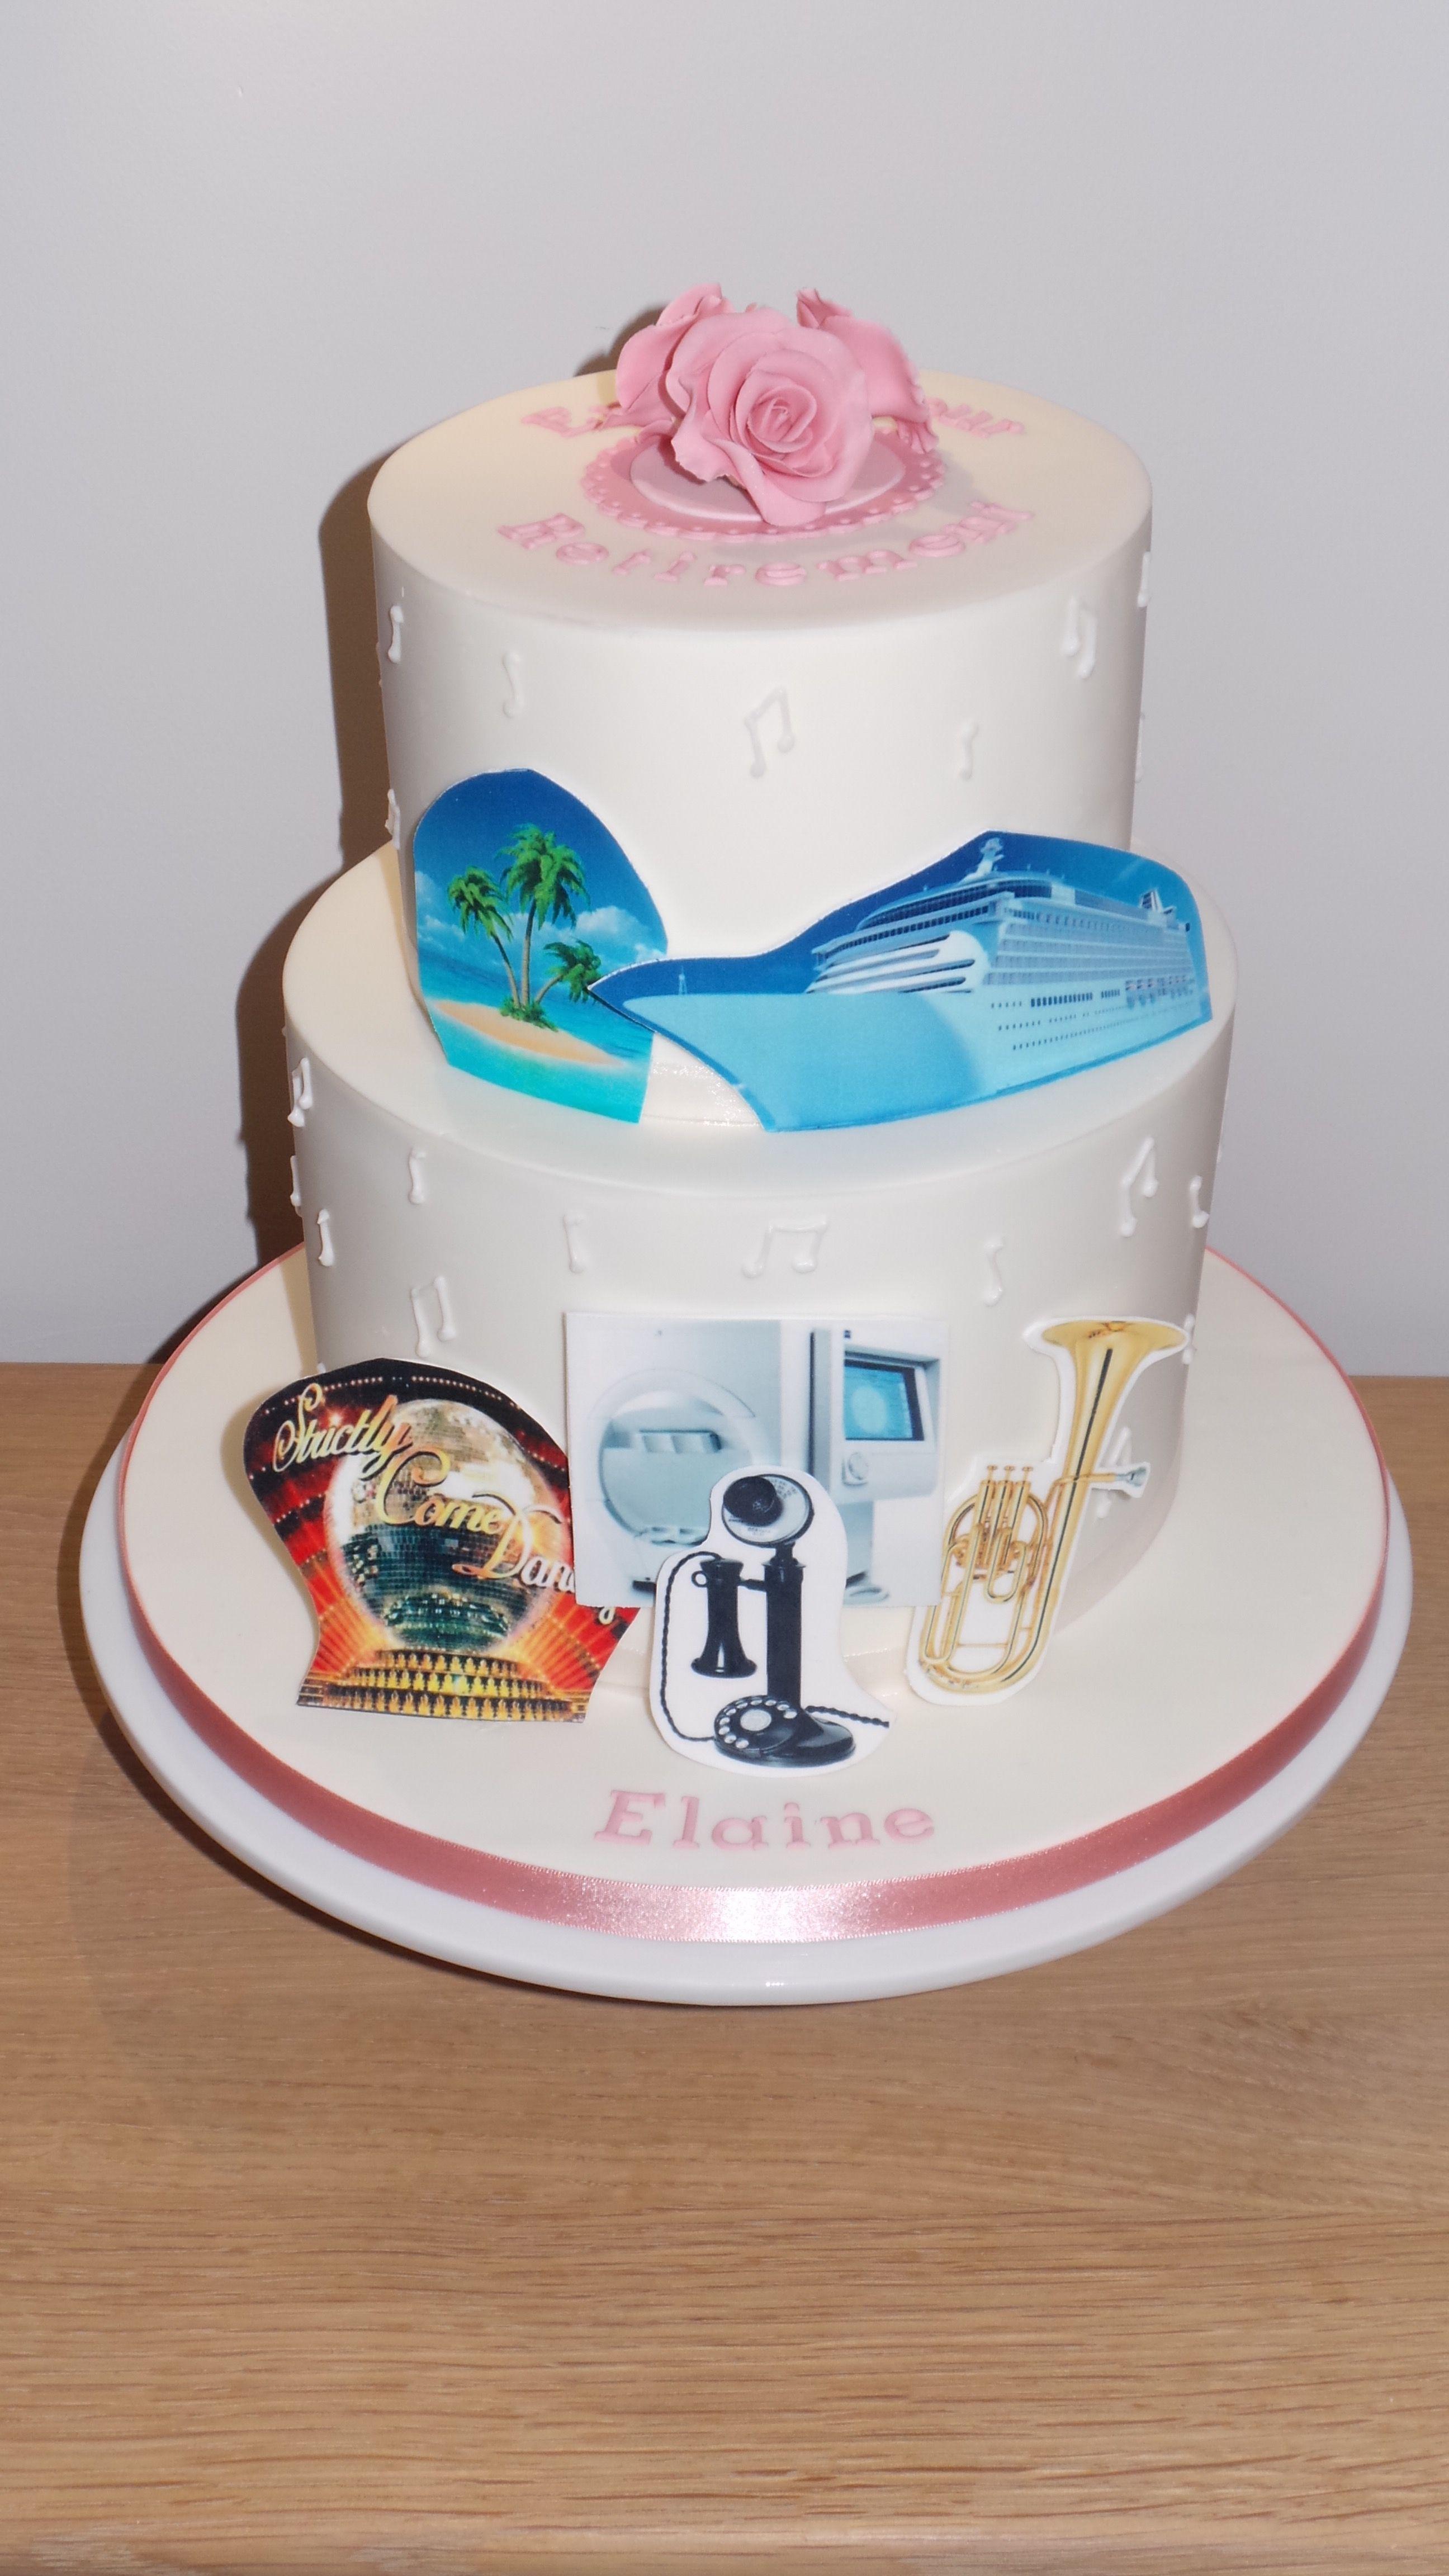 Retirement cake portraying the birthday girls past work